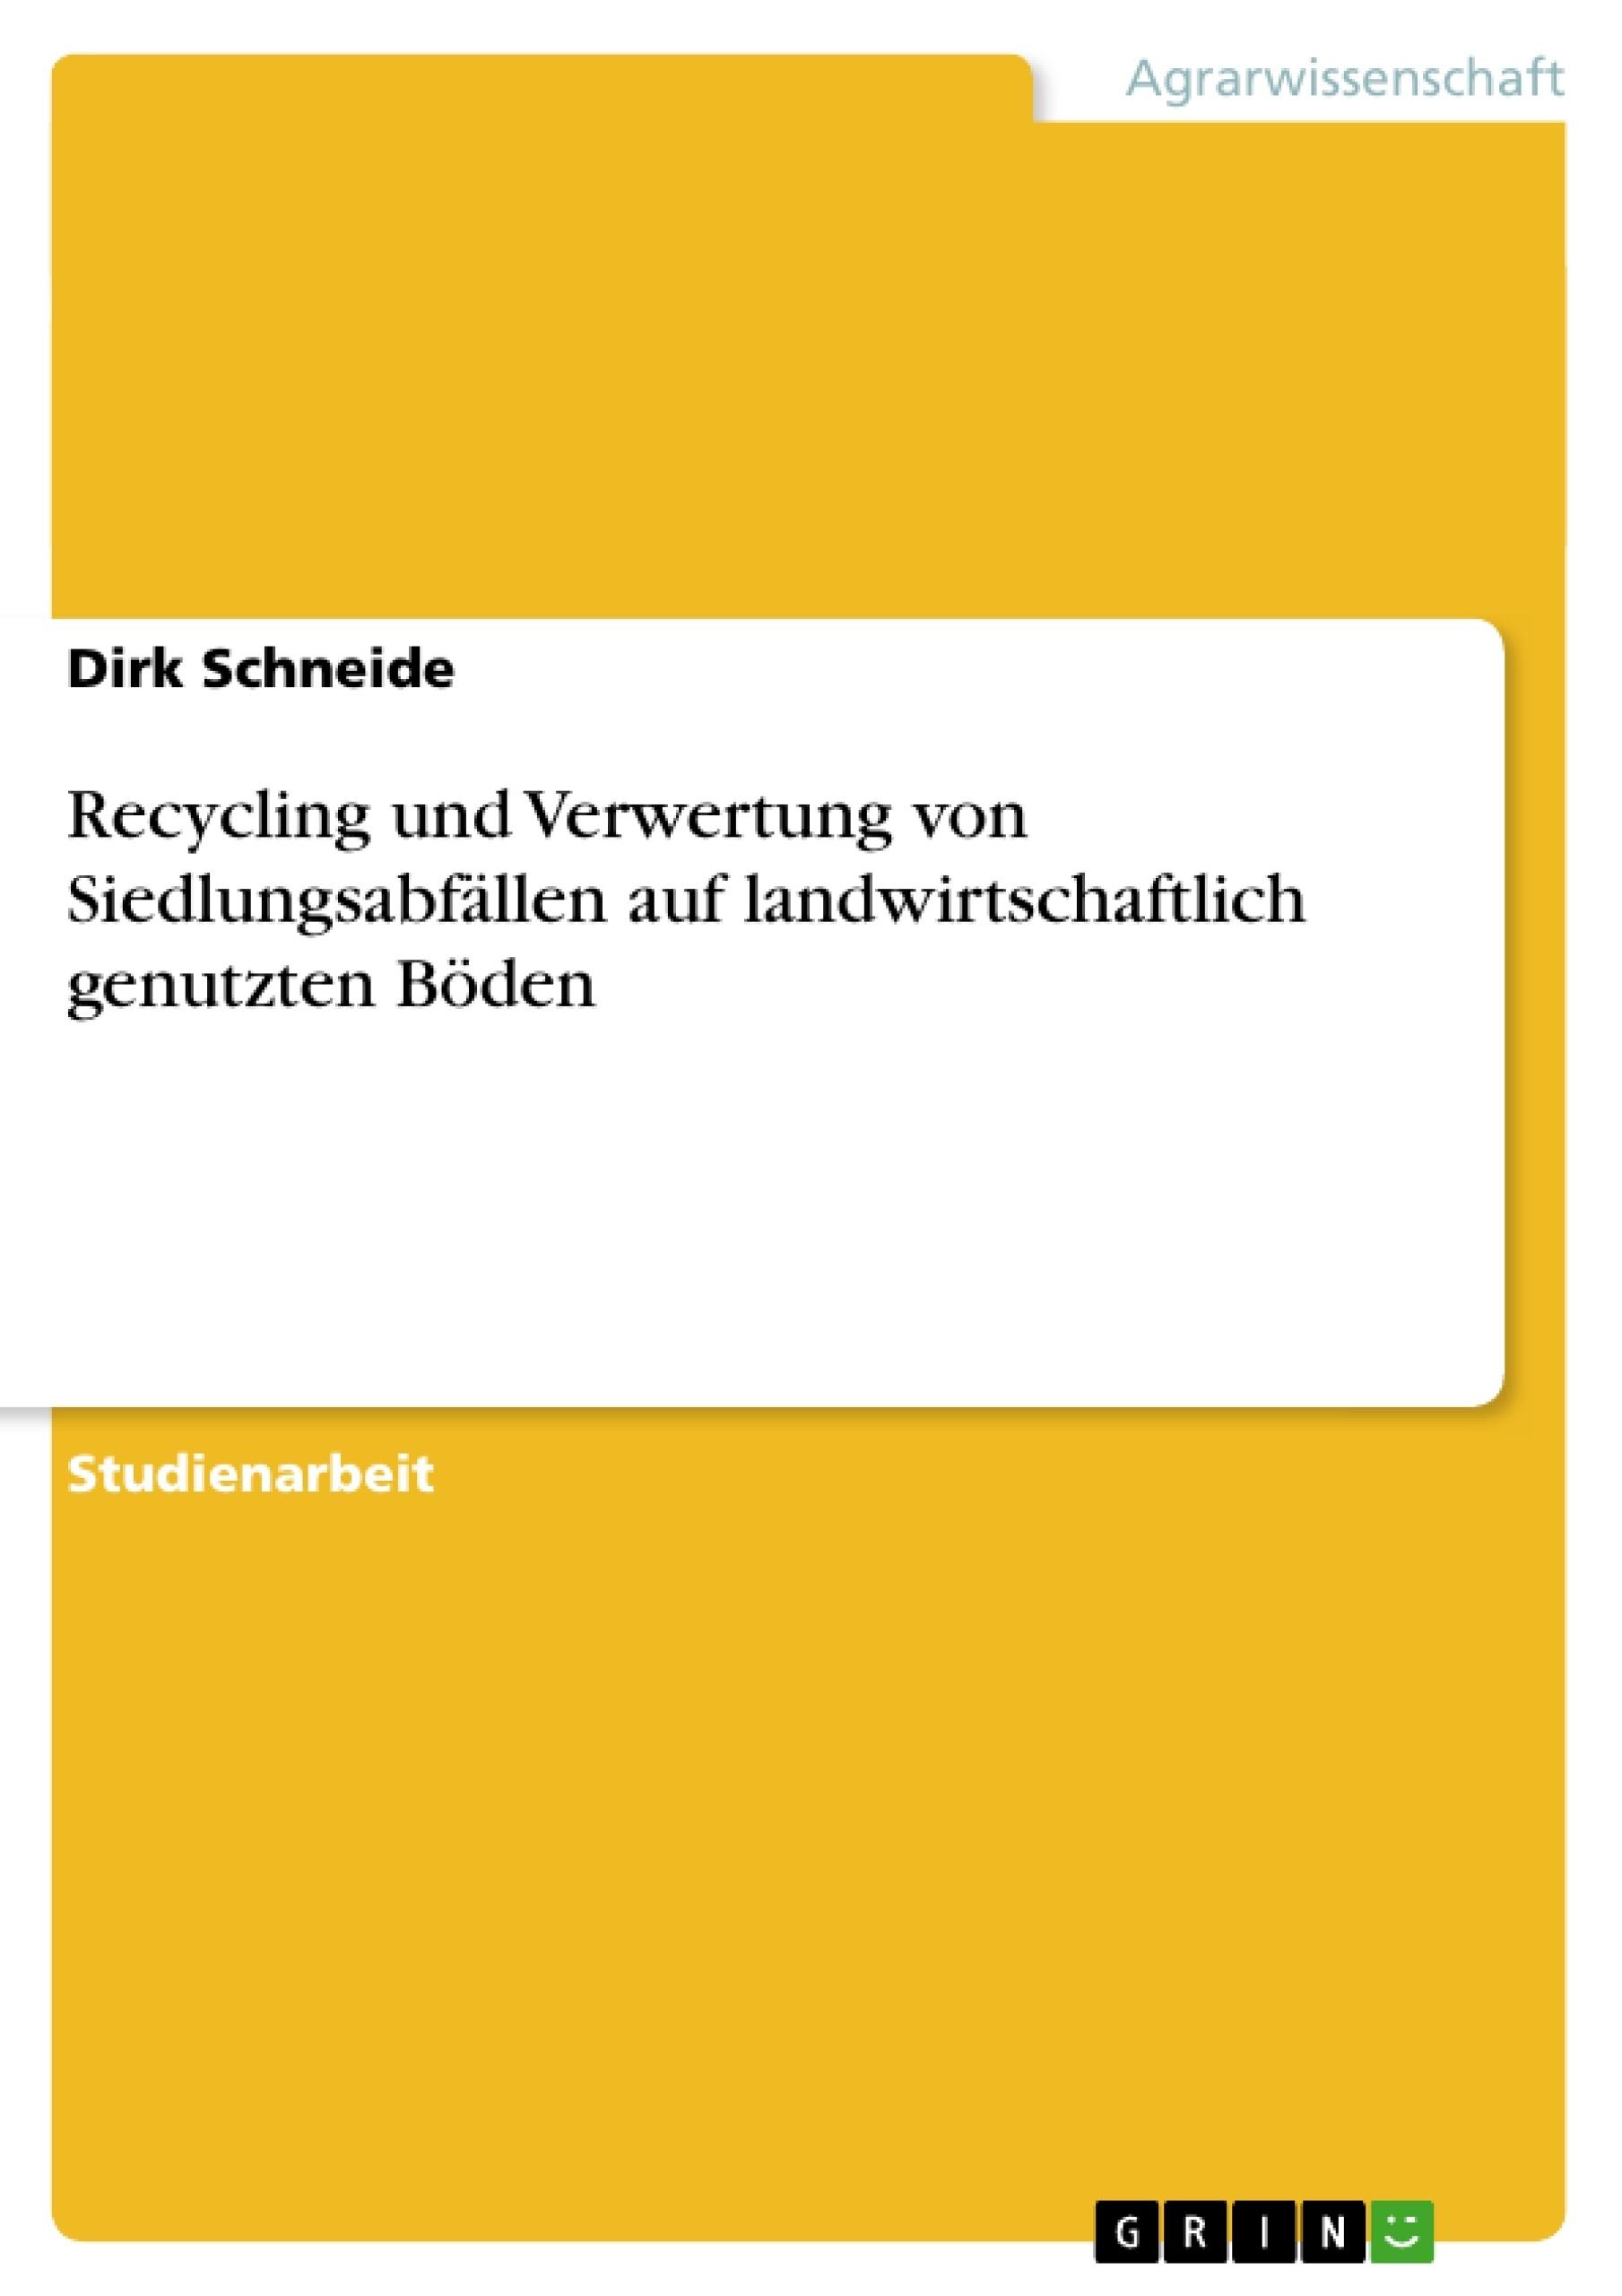 Titel: Recycling und Verwertung von Siedlungsabfällen auf landwirtschaftlich genutzten Böden